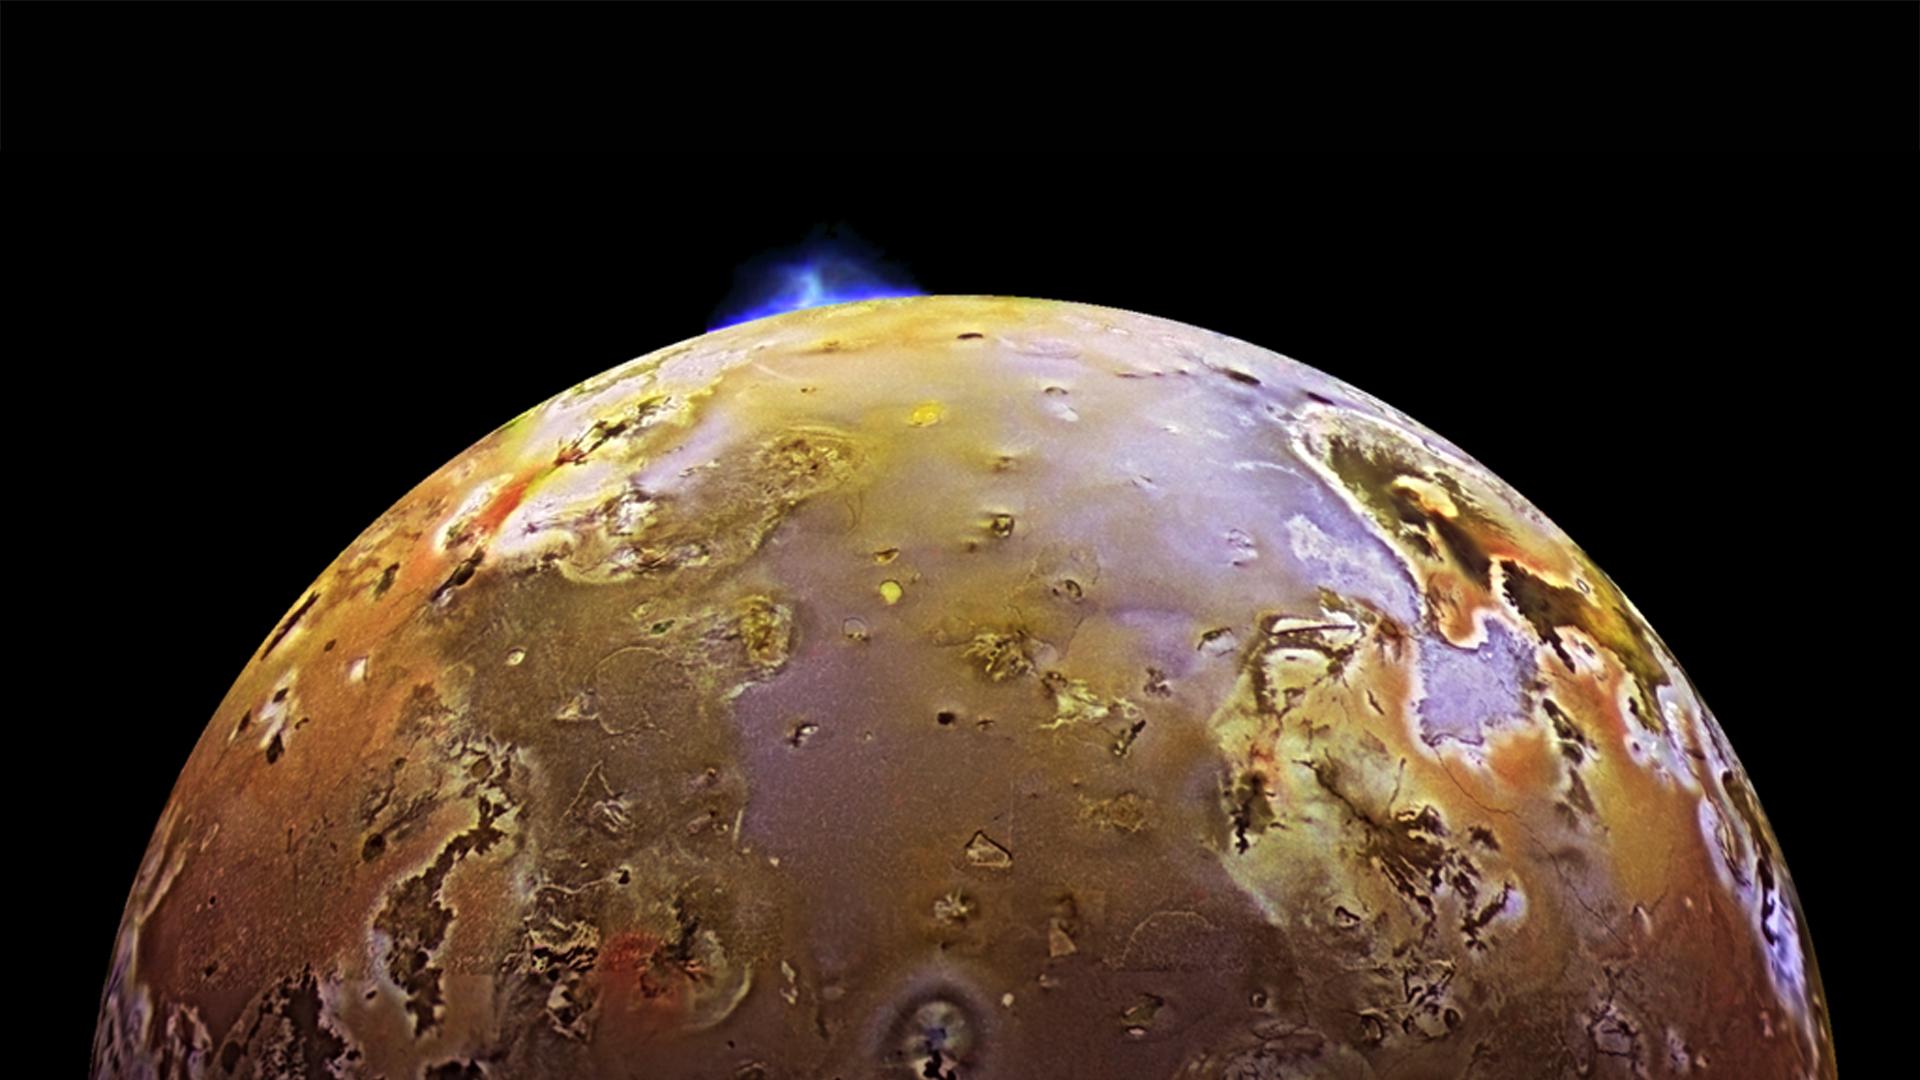 Космический аппарат Juno нашел  очередной  возможный вулкан наспутнике Юпитера Ио